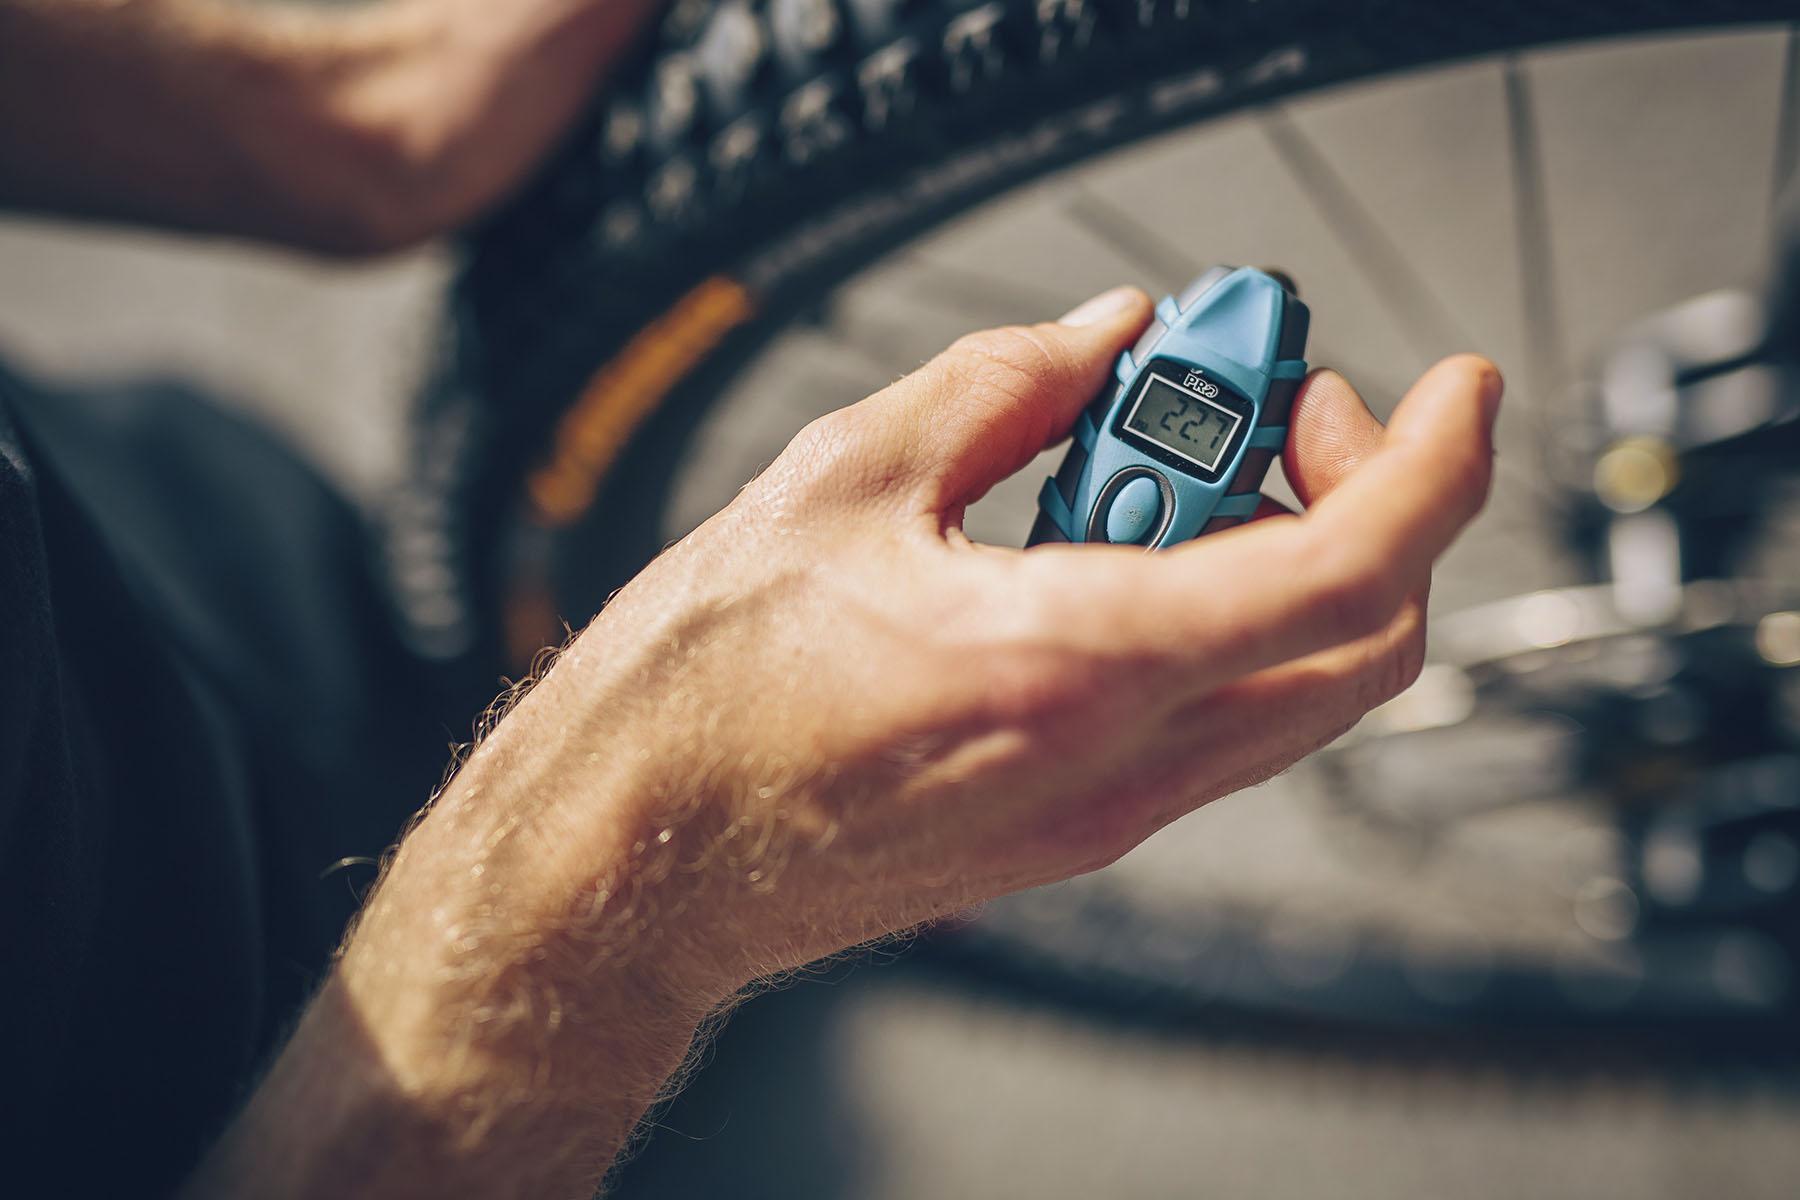 Beim Bike-Setup waren viele noch unentschlossen. Es sollte ein Tag mit starken Witterungsveränderungen werden, morgens neblig aber warm und nachmittags Regen. Reifenwechsel dürften wohl auf der Tagesplanung stehen.